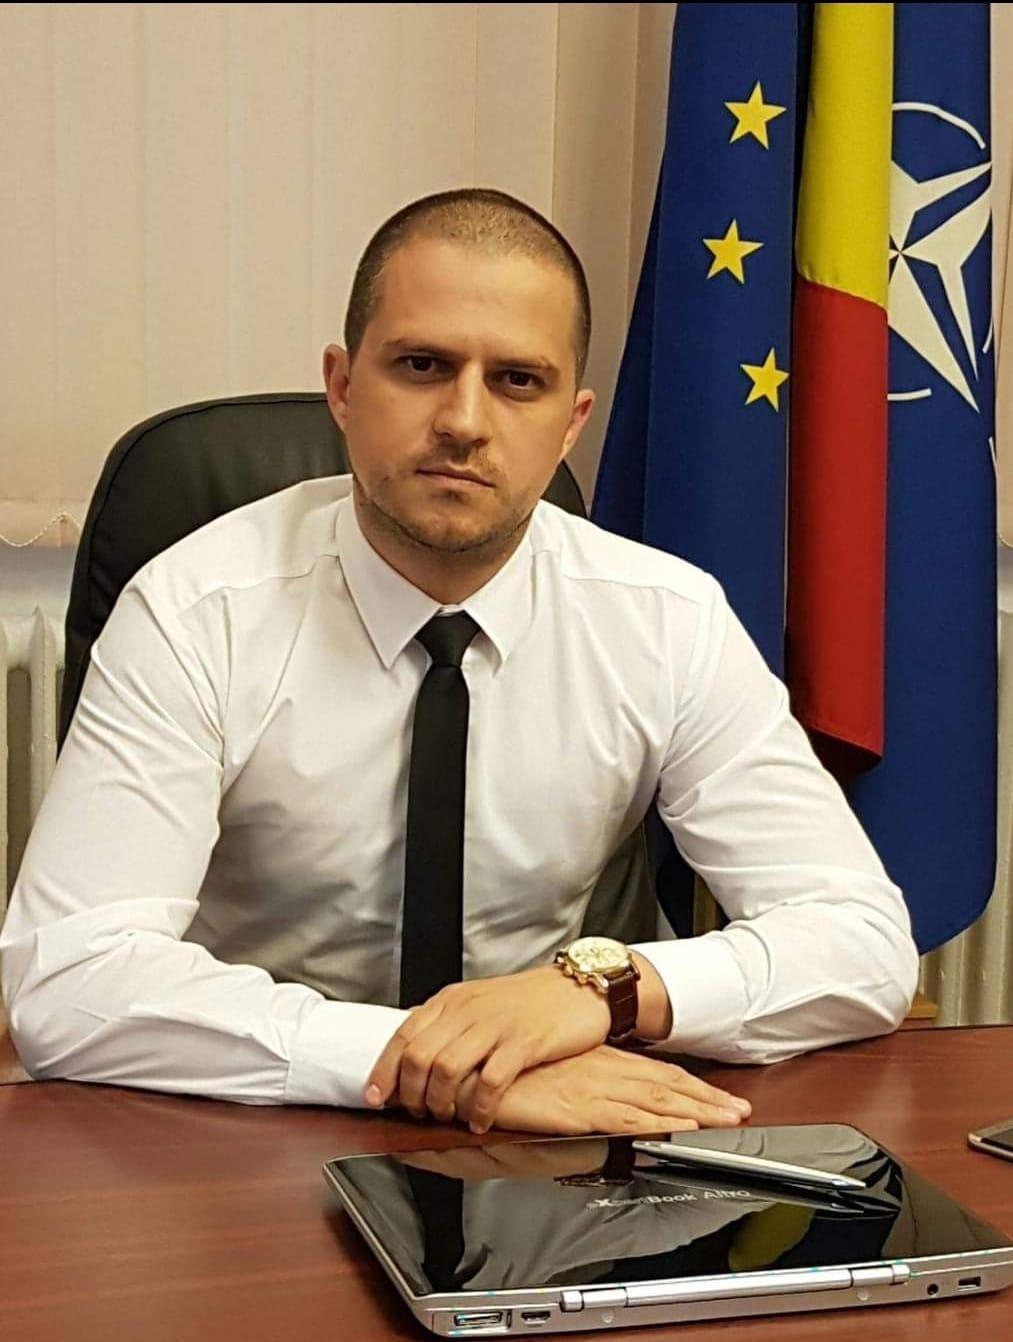 Mesajul de Paști din partea lui Bogdan Trif, președintele Organizației Județene PSD Sibiu